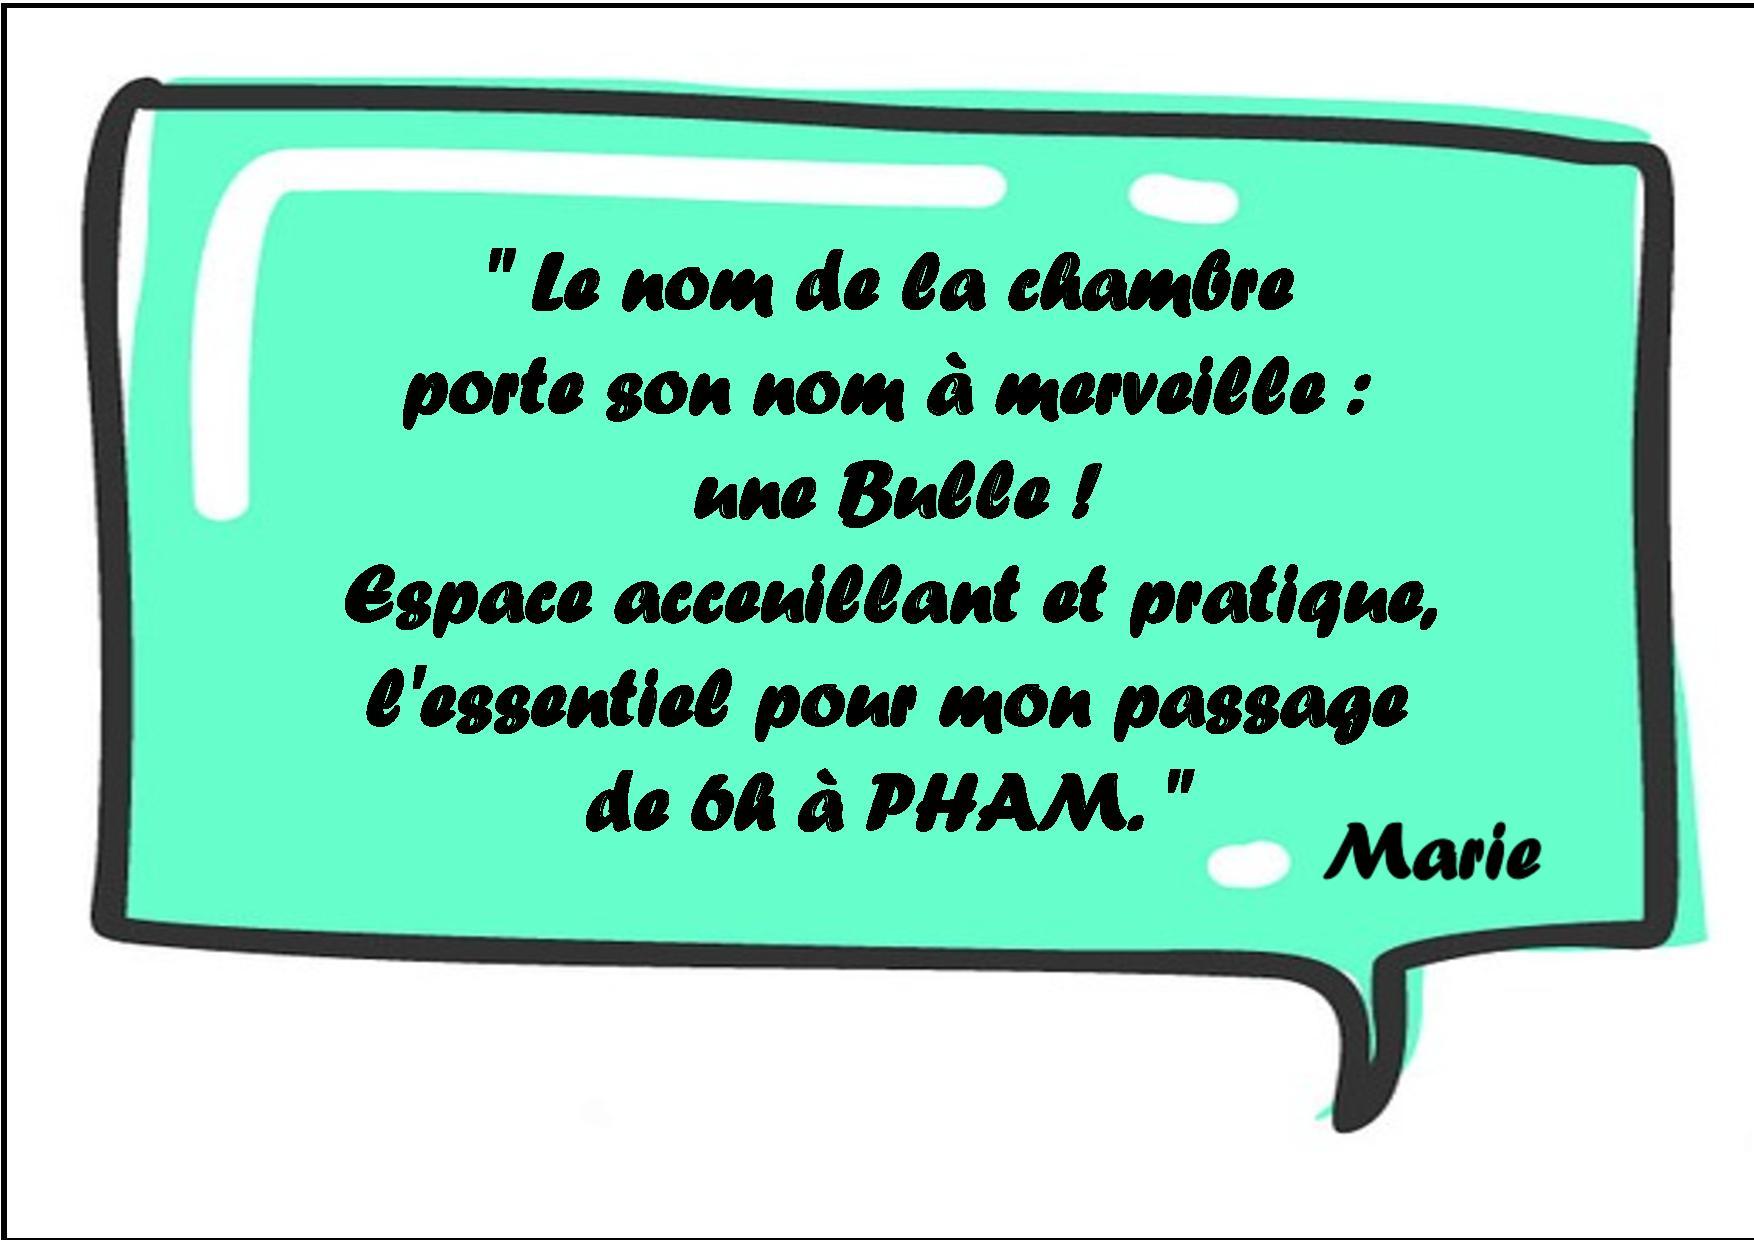 image Marie.jpg (0.2MB)